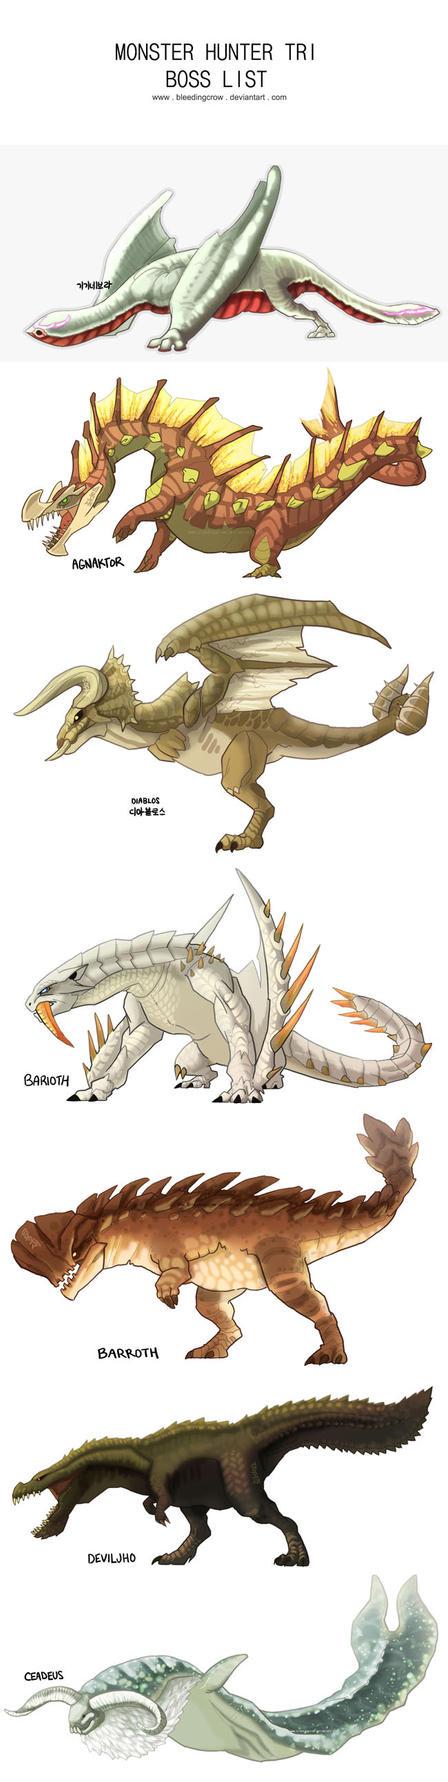 Monster hunter tri boss list by macawnivore on deviantart for Decoration list monster hunter world